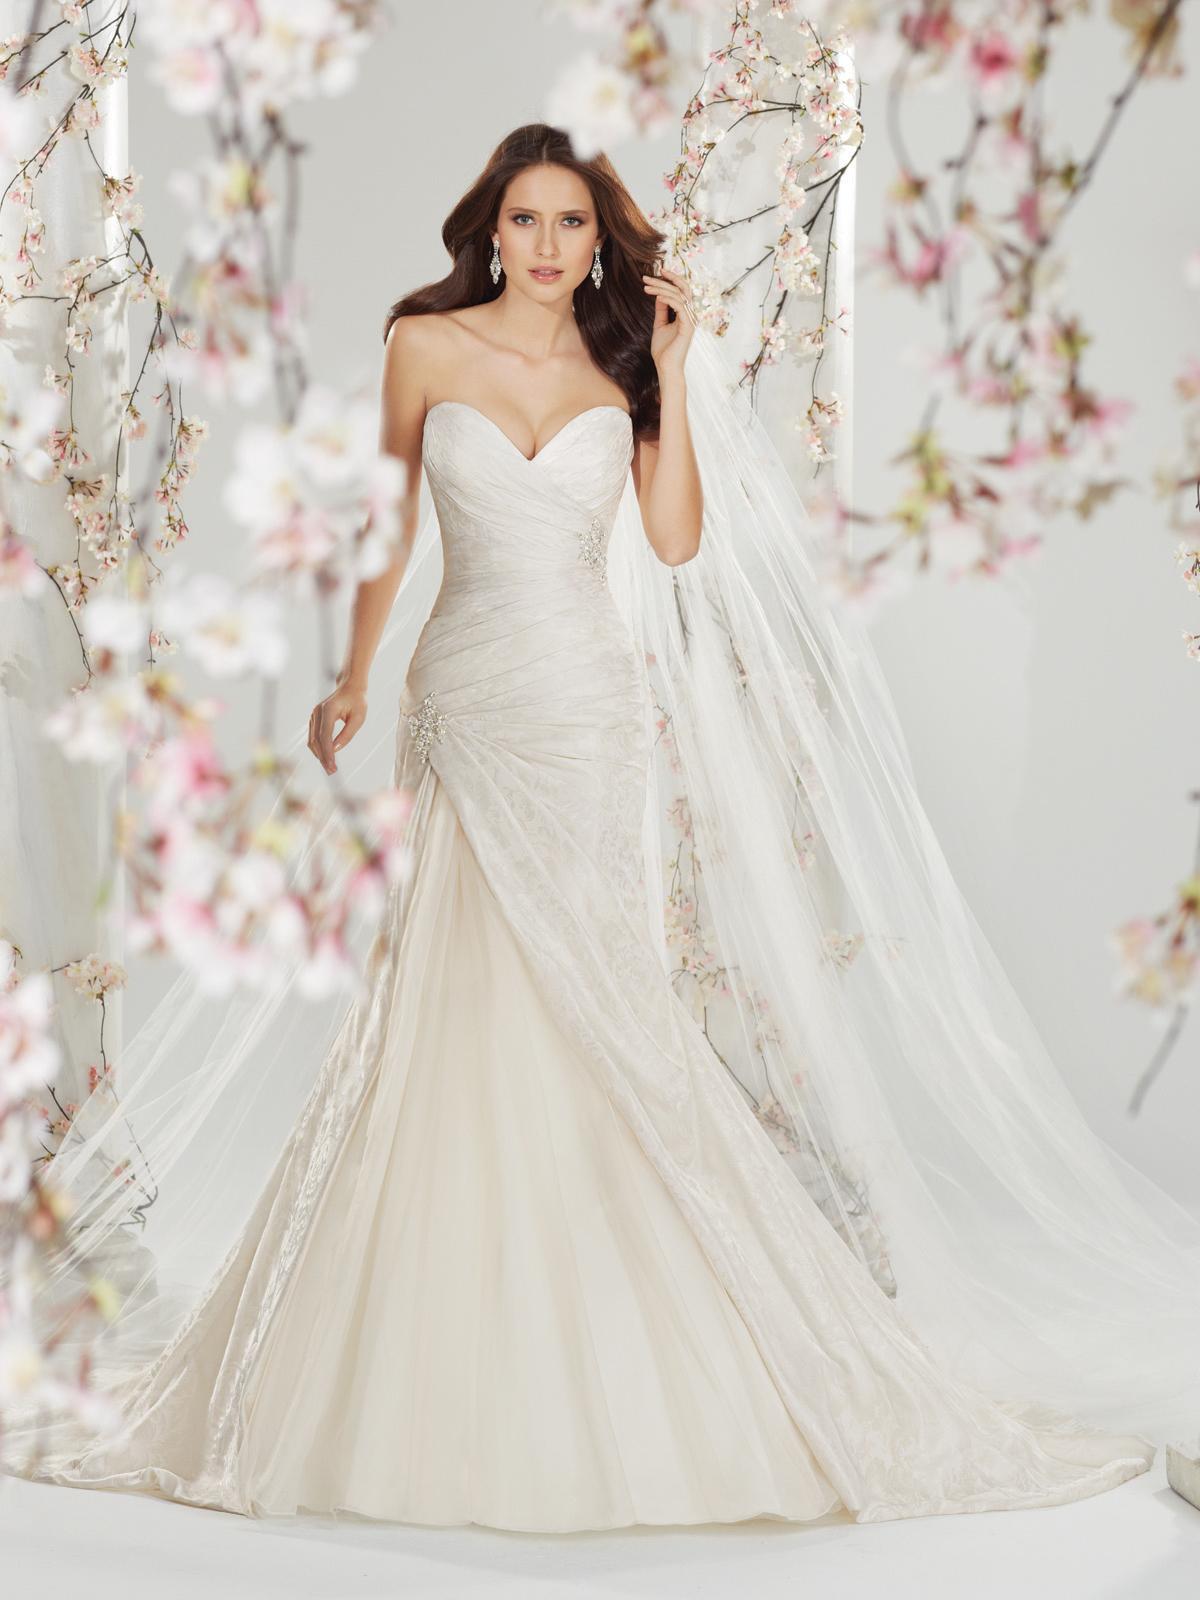 Sophia Tolli - Sunshine Coast Wedding Dresses